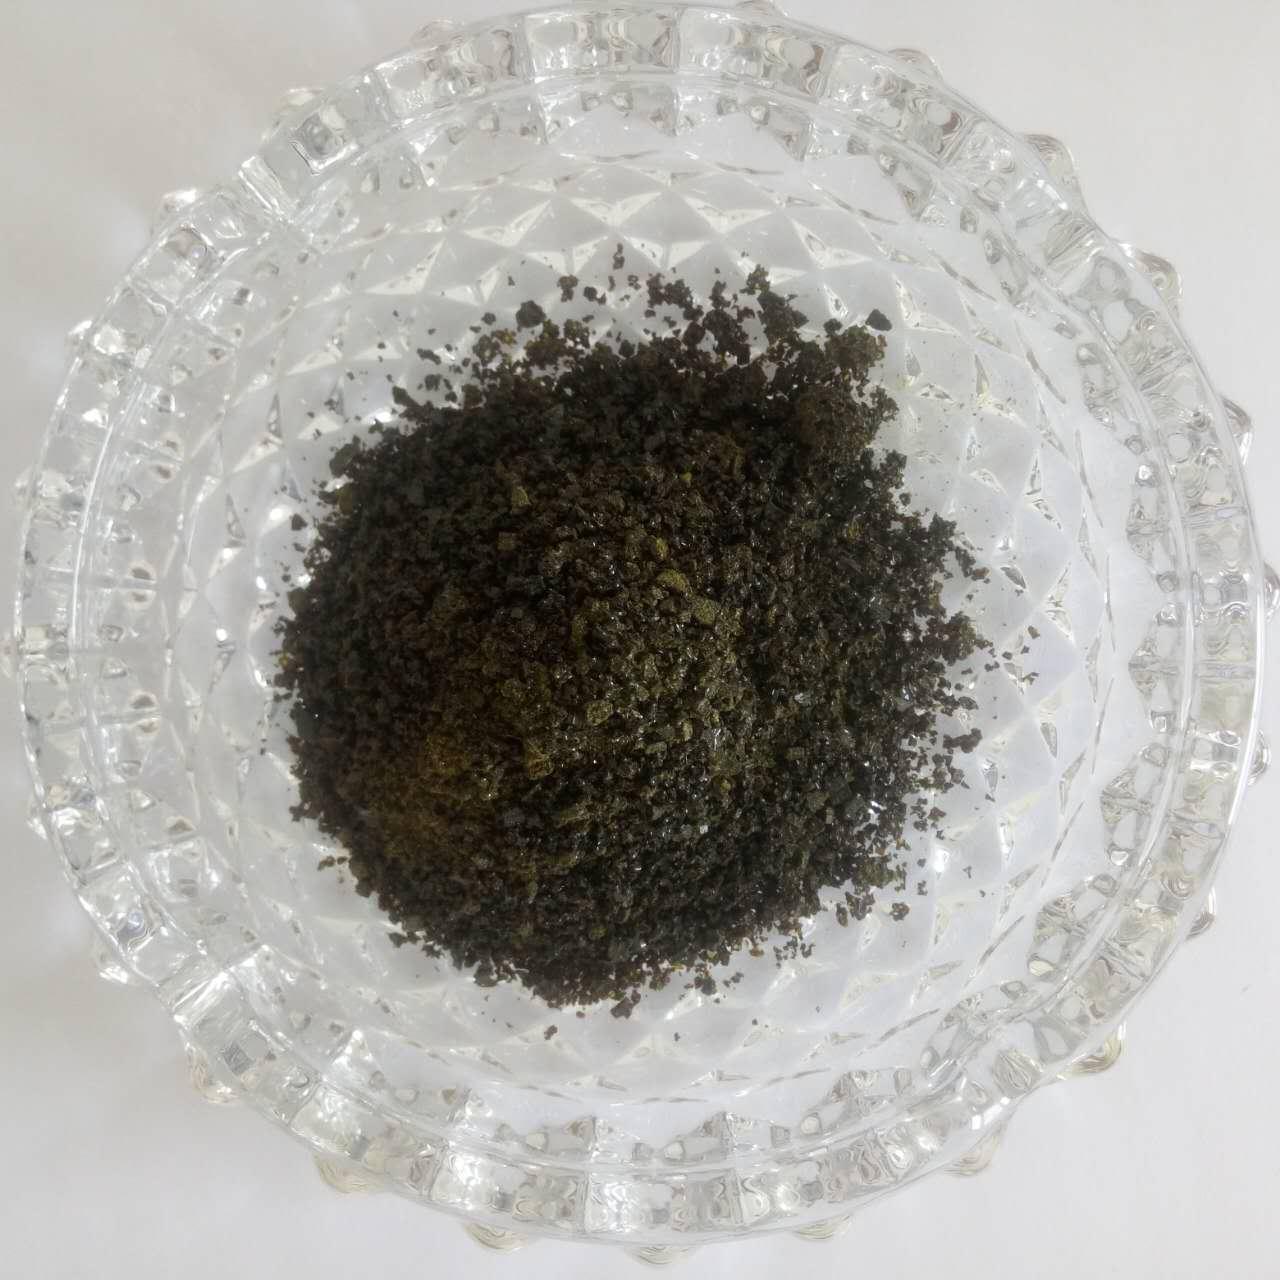 龍泰威檸檬酸鐵銨-可信賴的檸檬酸鐵銨生產廠家當屬龍泰威食品配料